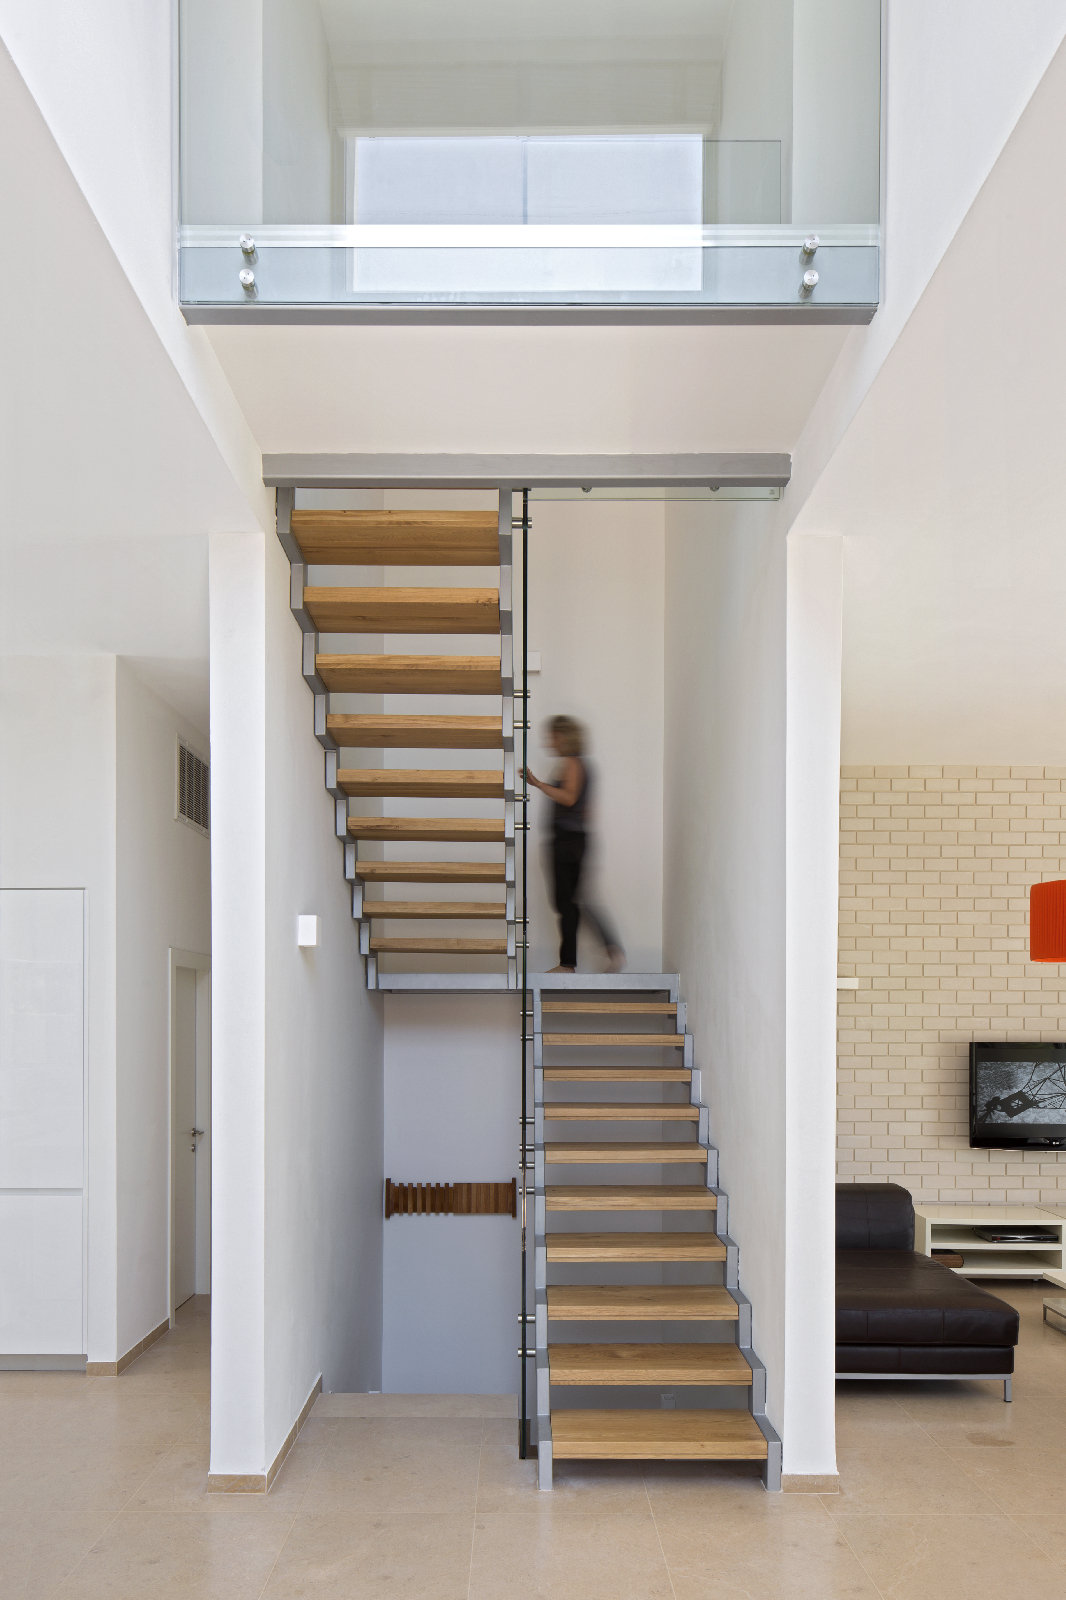 מדרגות עץ וברזל בחלל כפול